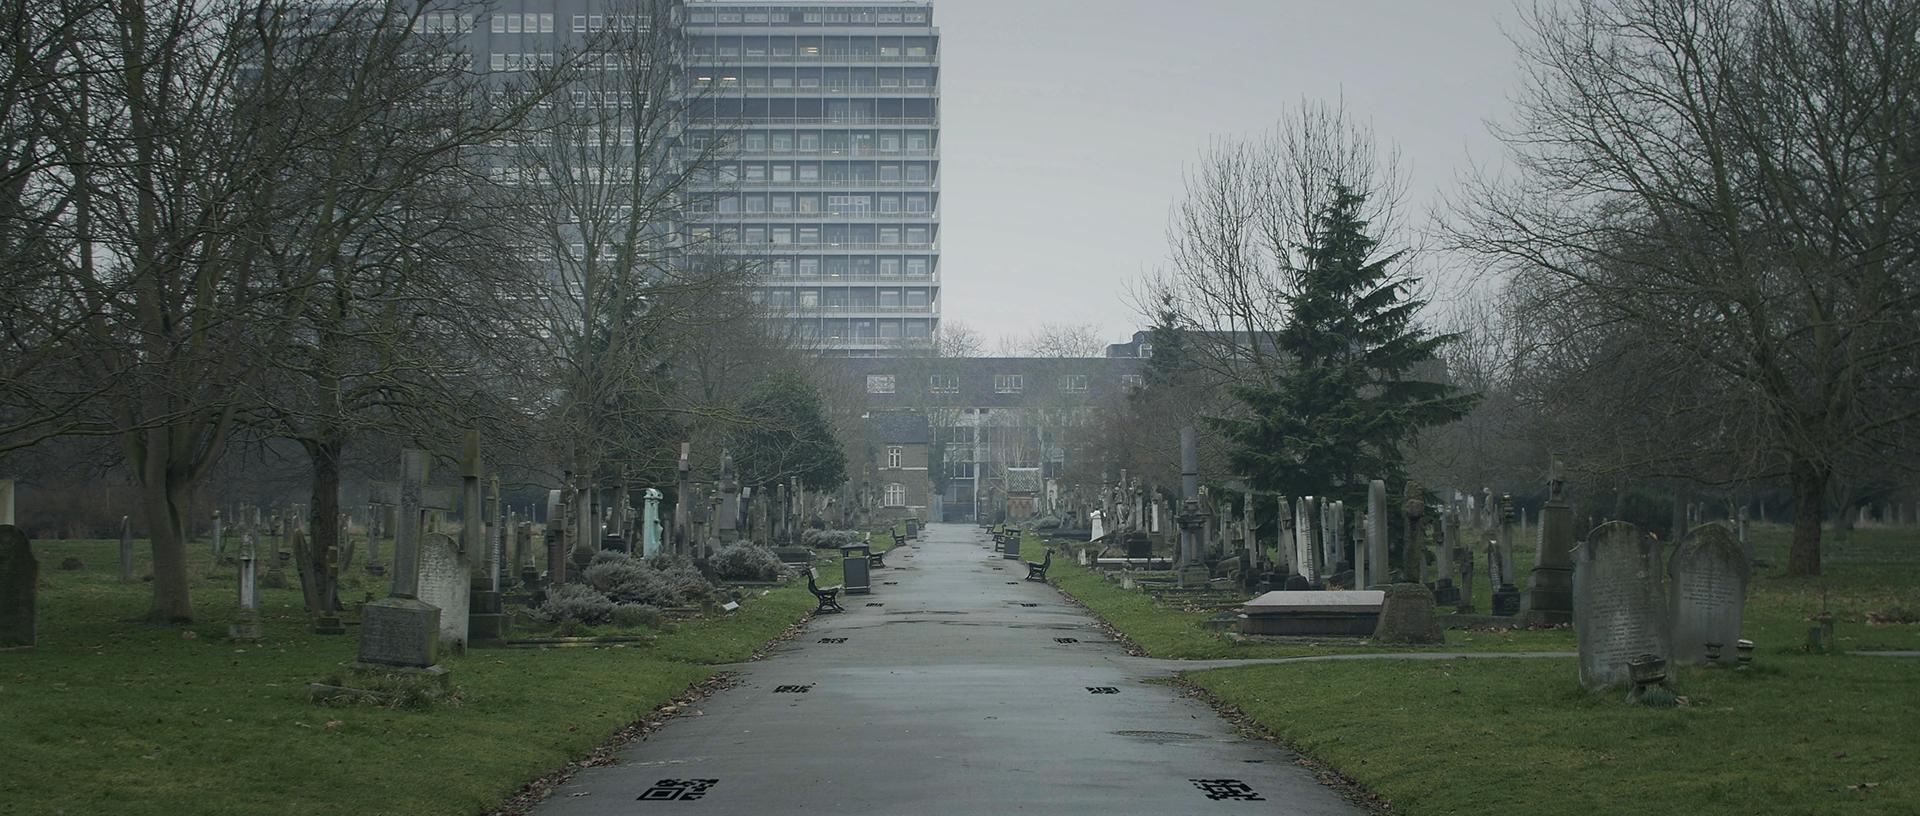 01_Empty City 2